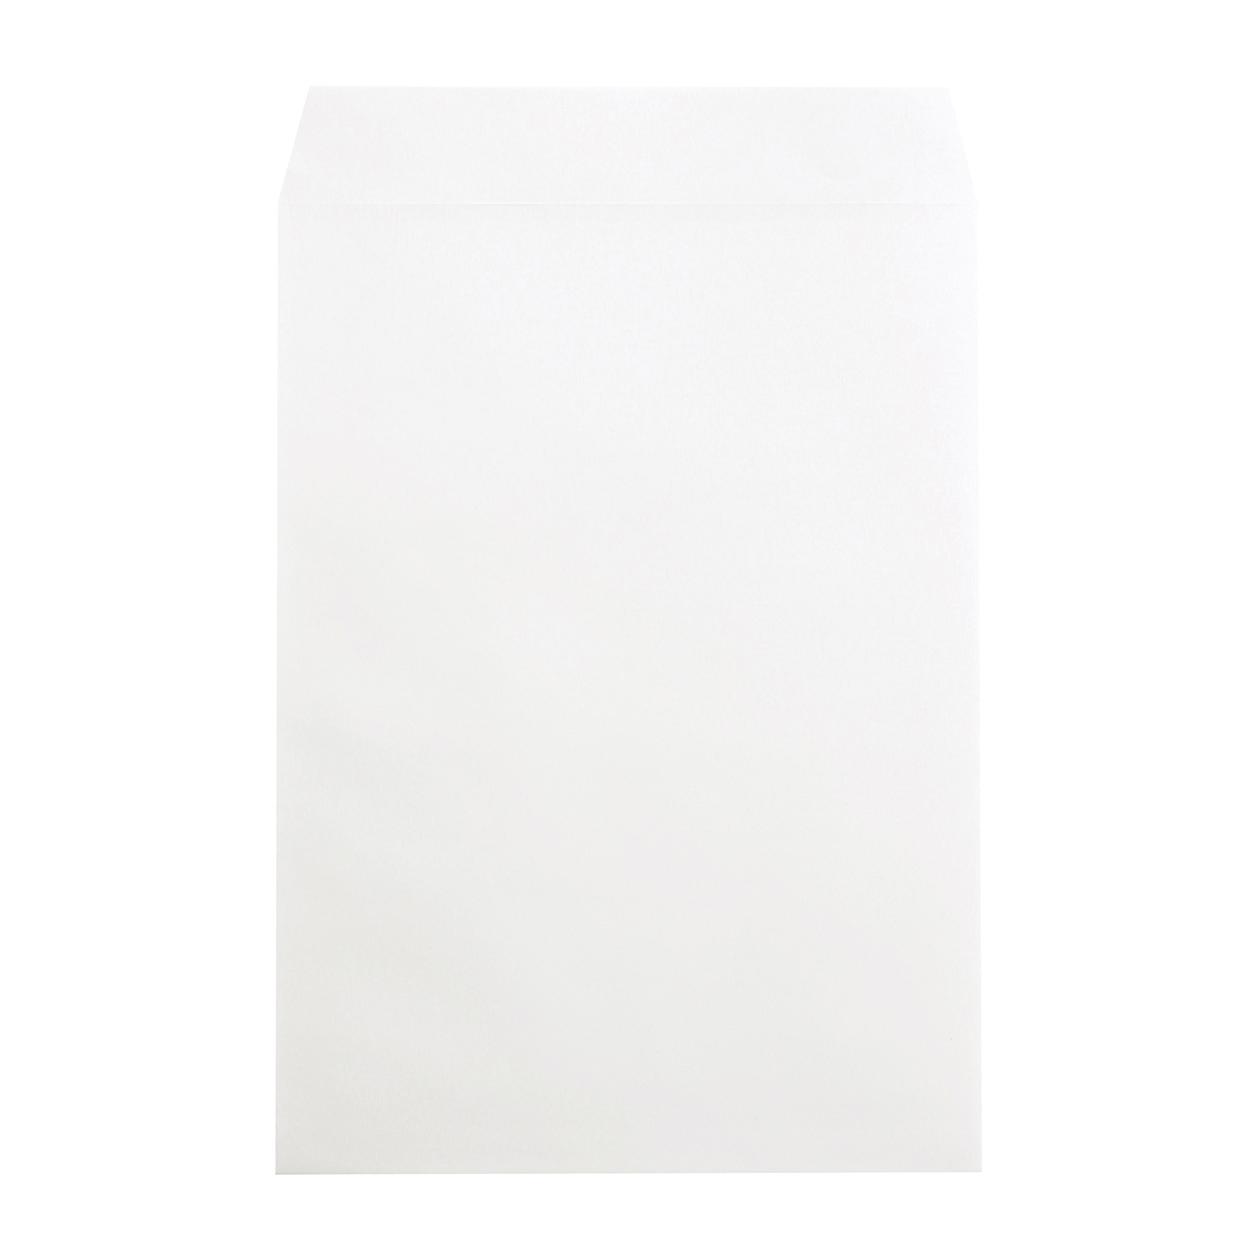 角2封筒 クラウド 104.7g